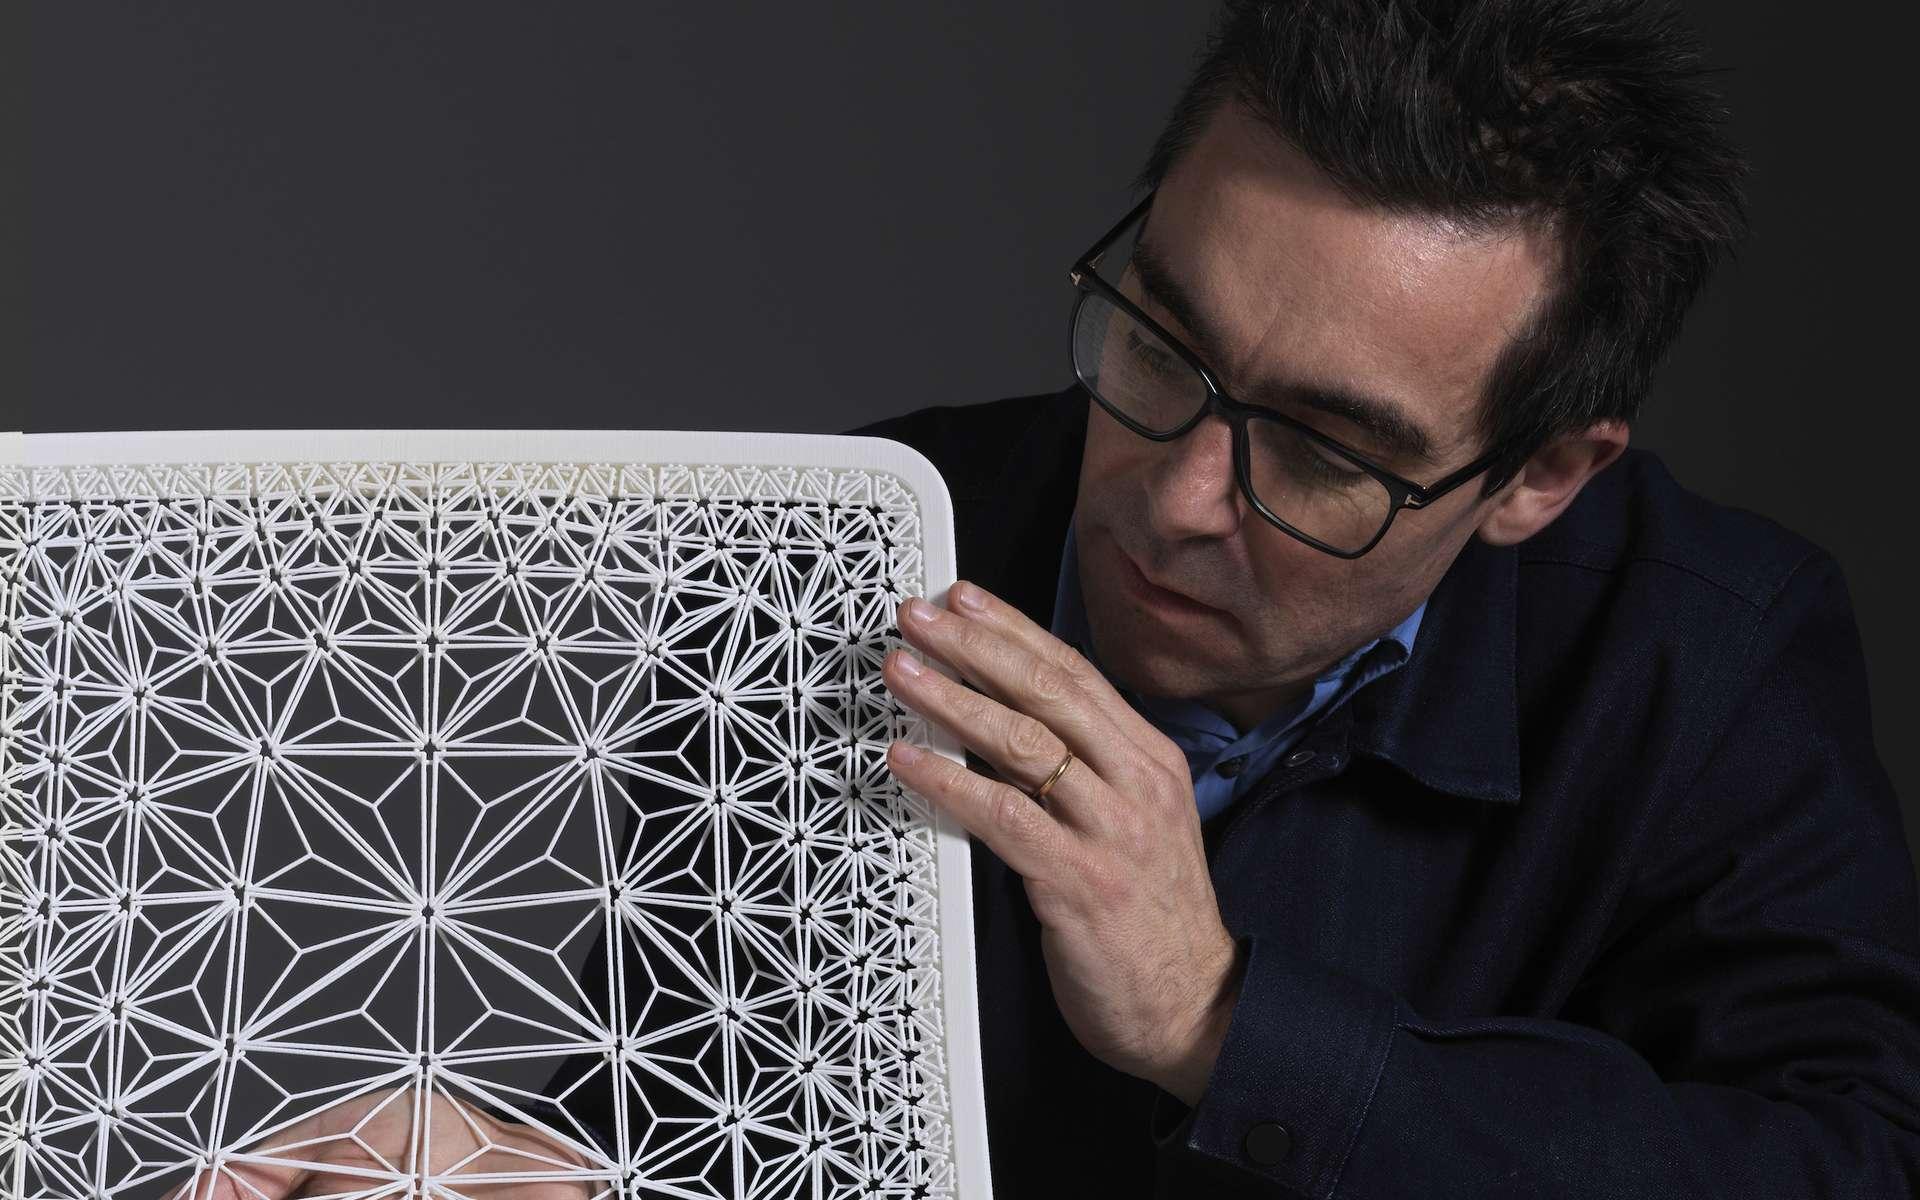 La chaise imprimée en 3D du designer français Patrick Jouin. © Thomas Duval